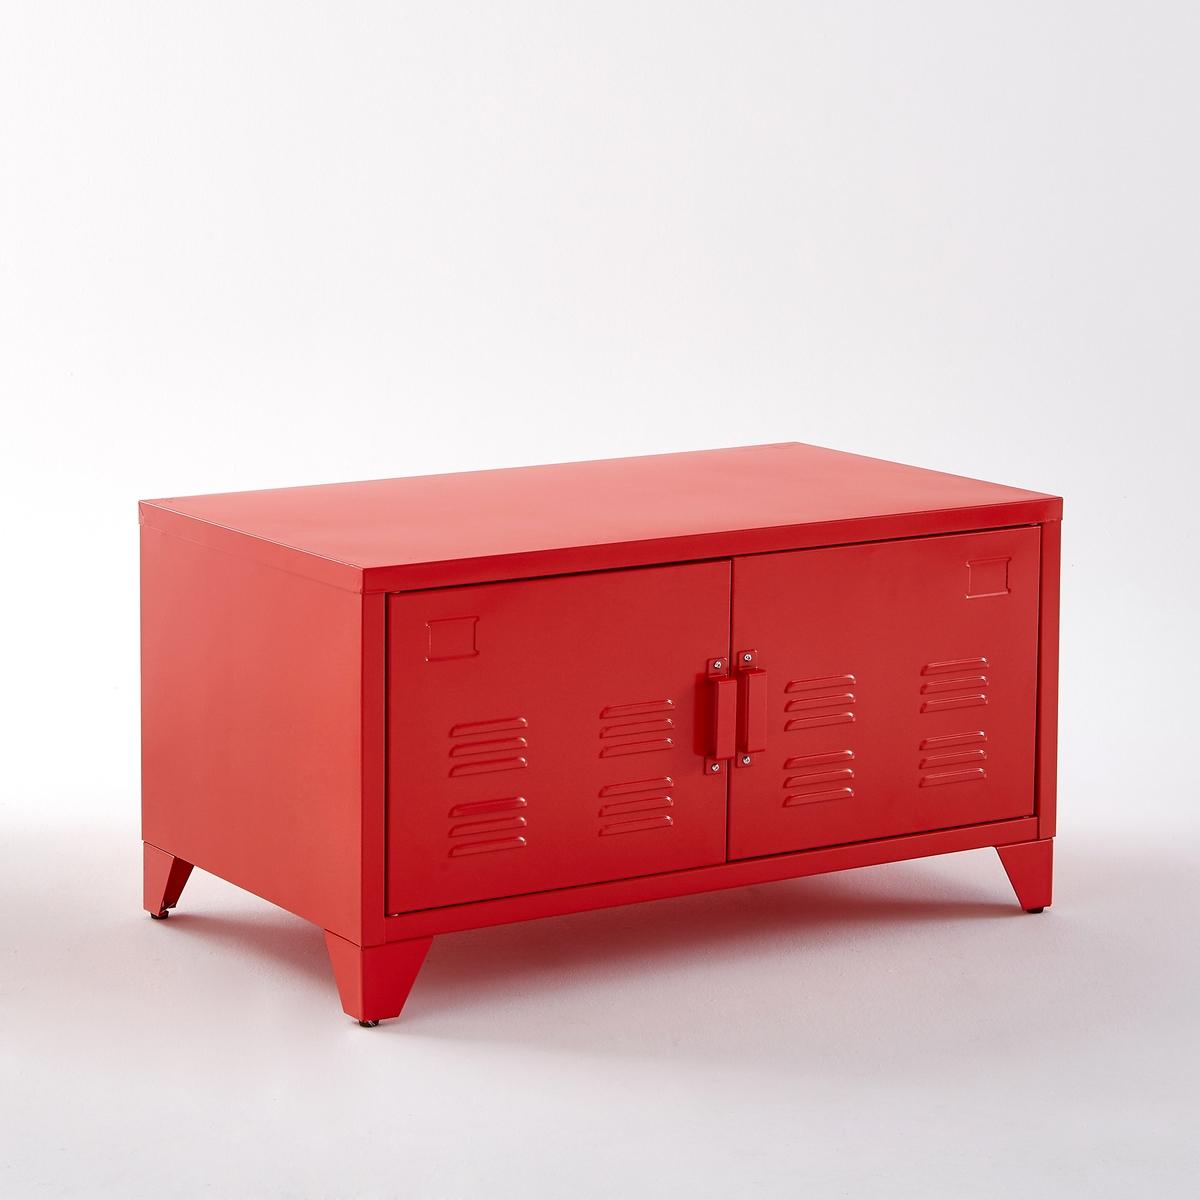 Тумба металлическая HibaМеталлическая двухдверная тумба Hiba. Отлично подойдёт для хранения Ваших вещей в прихожей, детской комнате или в Вашем кабинете.Описание:- 2 дверцы.- 4 ножки, регулируемые по высоте.- Отлично сочетается с двухдверным шкафом Hiba.Откройте для себя также другие модели из коллекции Hiba на laredoute.ru.Характеристики:- Металл, лакированное покрытие.  - Металлические  ручки.Размеры:Общие:- Длина: 85 см.- Глубина: 50 см.- Высота 45,5 см.- Вес 12 кг.Размеры и вес посылки:- 1 упаковка: Дл.102 x Выс.12,5 x Гл.57 см. 14,65 кг.Доставка:Ваша двухдверная металлическая тумба Hiba продается готовой к сборке. Доставка до квартиры (по желанию)!Внимание! Убедитесь в том, что посылку возможно доставить на дом, учитывая ее габариты.<br><br>Цвет: красный,розовый,серый,синий